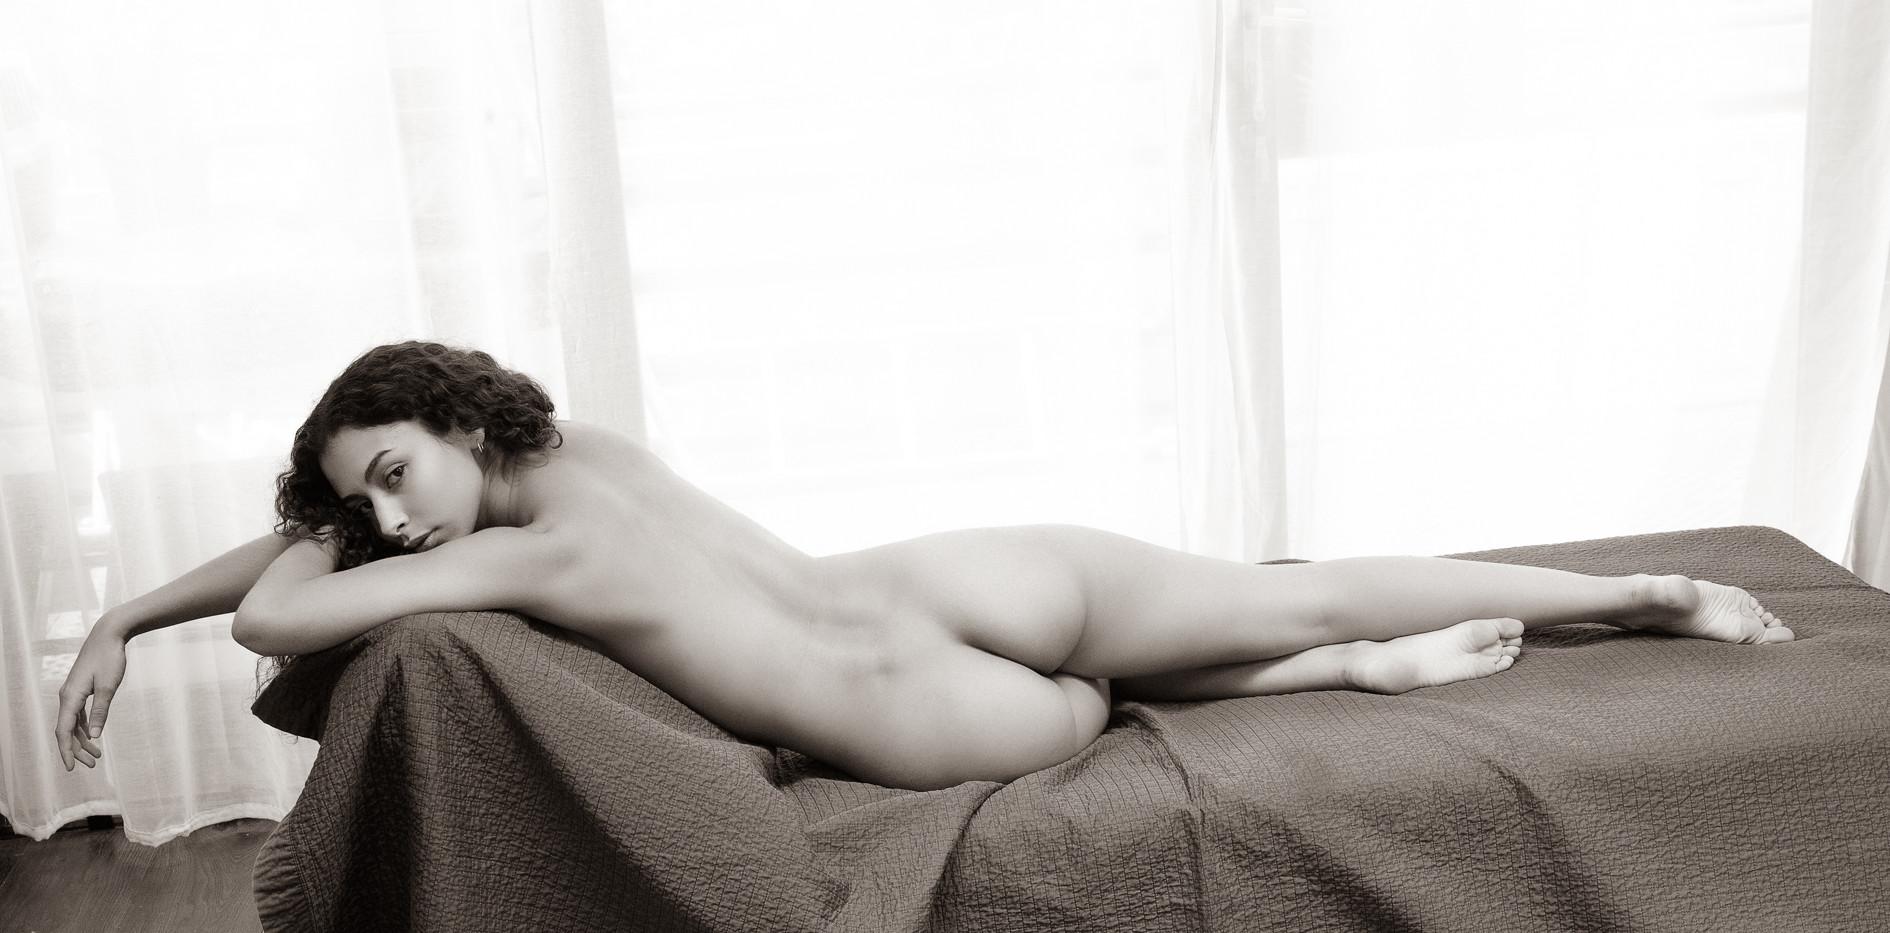 nu, nude, fine art, amour, artisque,  Se